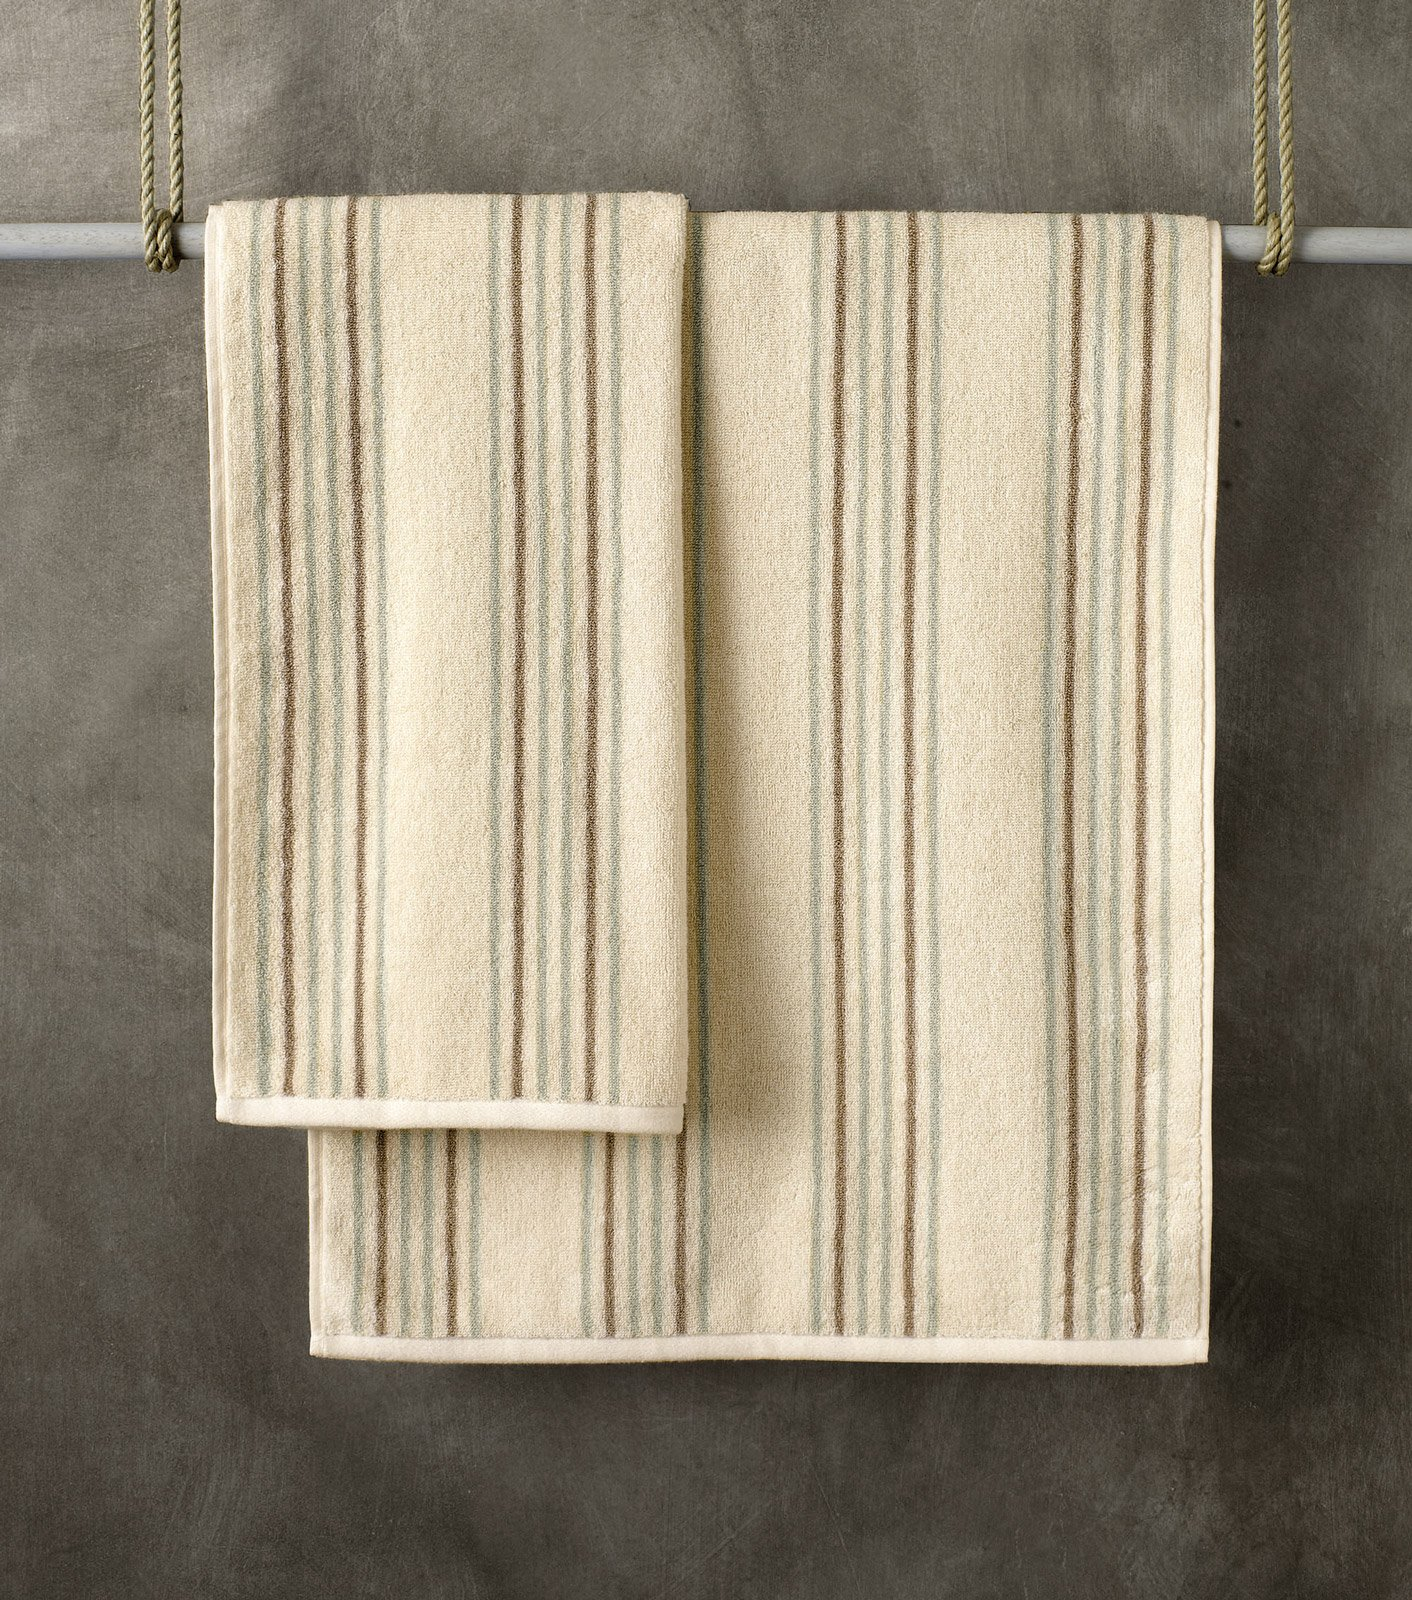 asciugamani per il bagno: come scegliere materiali e colori - cose ... - Asciugamani Bagno